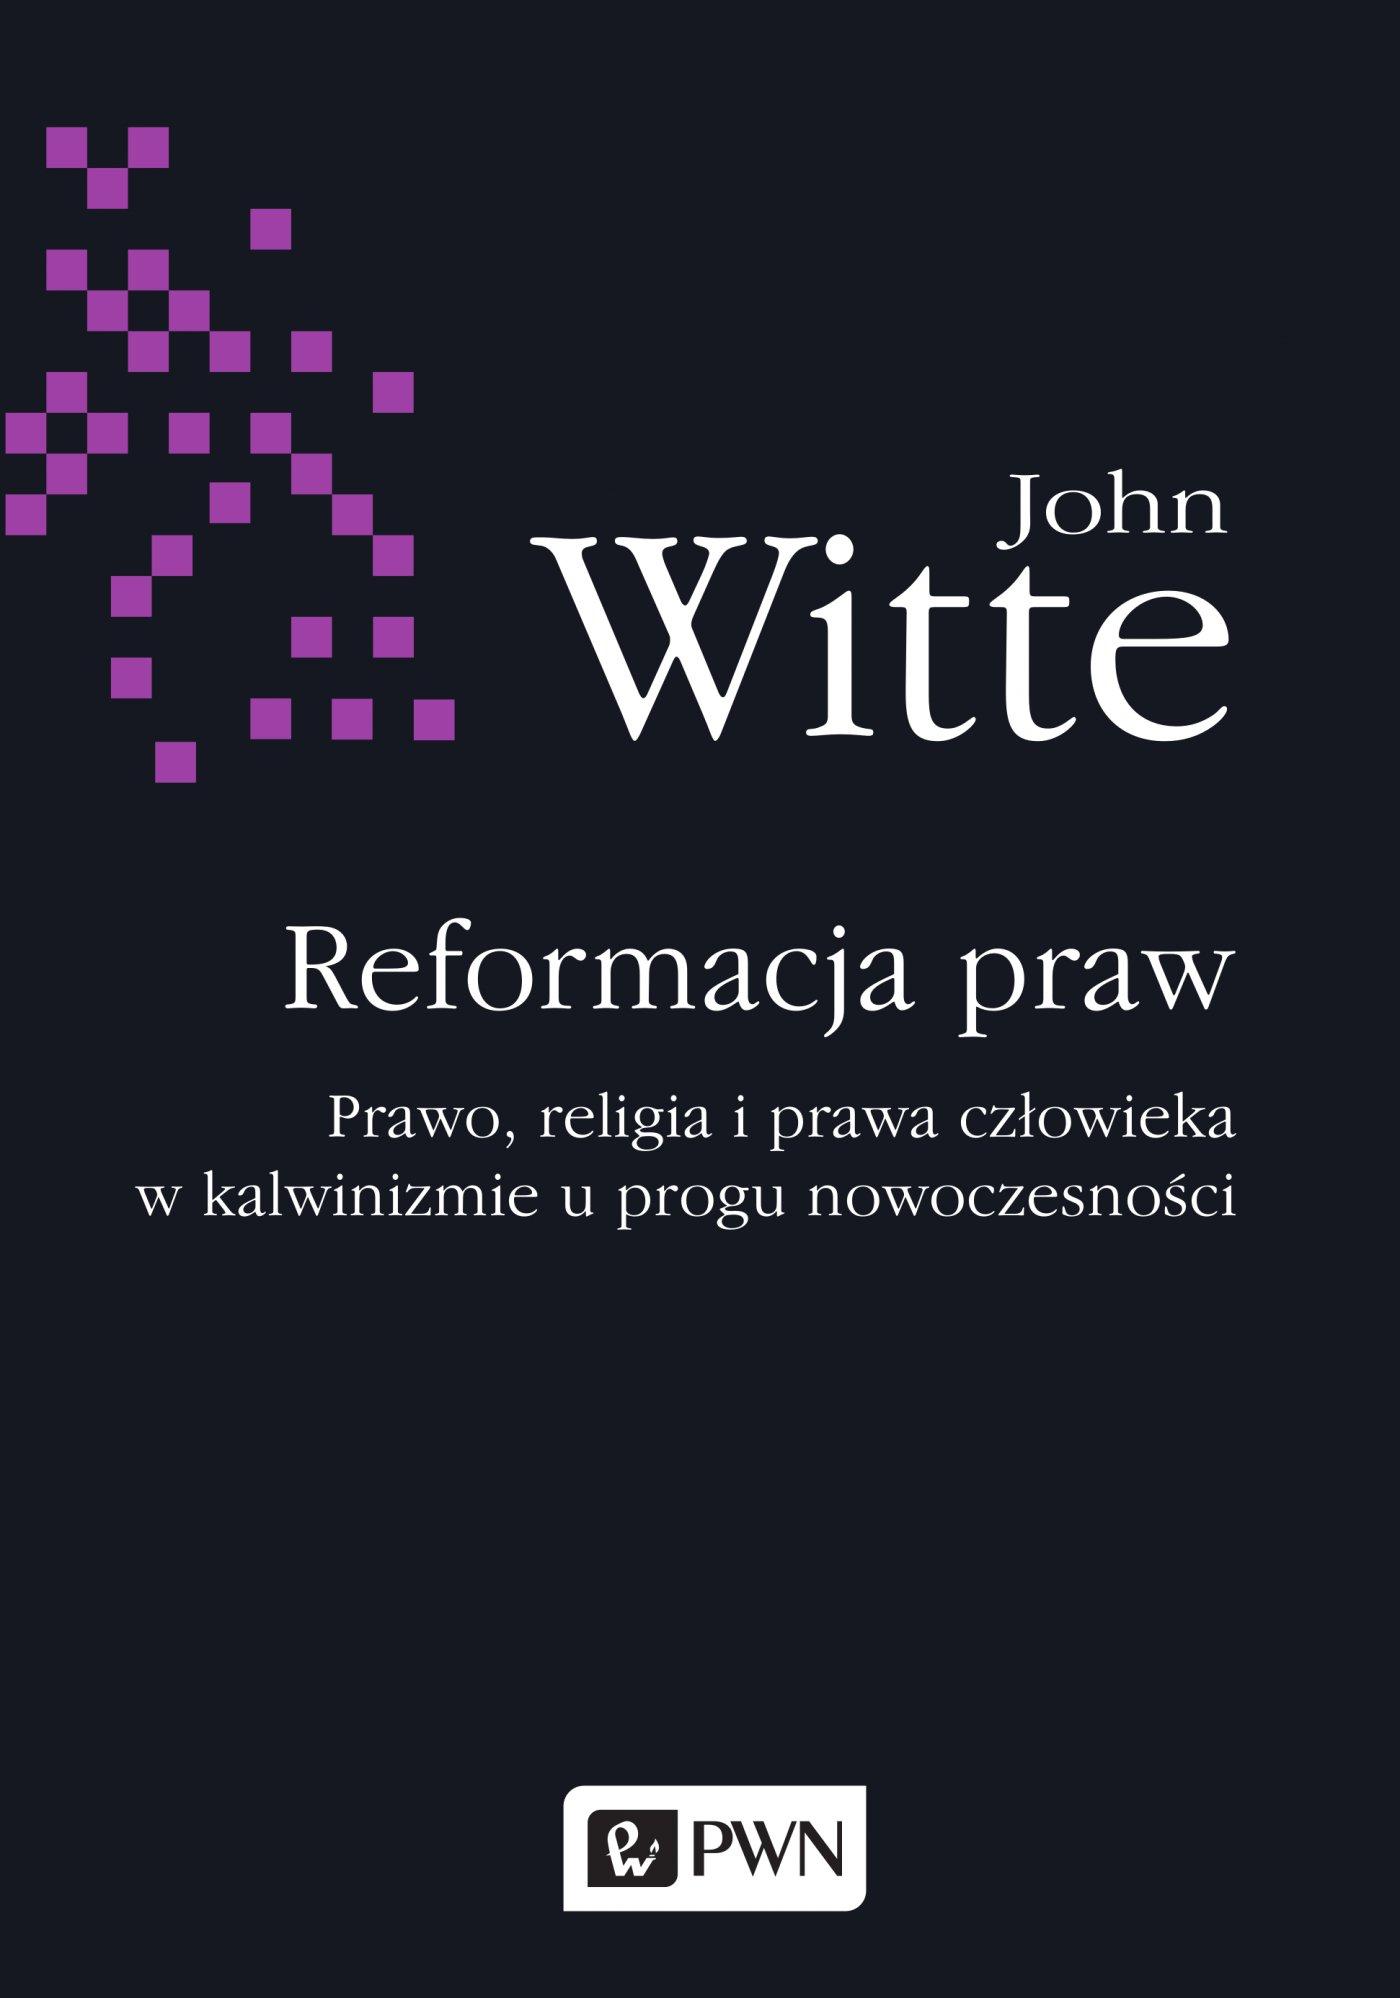 Reformacja praw. Prawo, religia i prawa człowieka w kalwinizmie u progu nowoczesności - Ebook (Książka EPUB) do pobrania w formacie EPUB